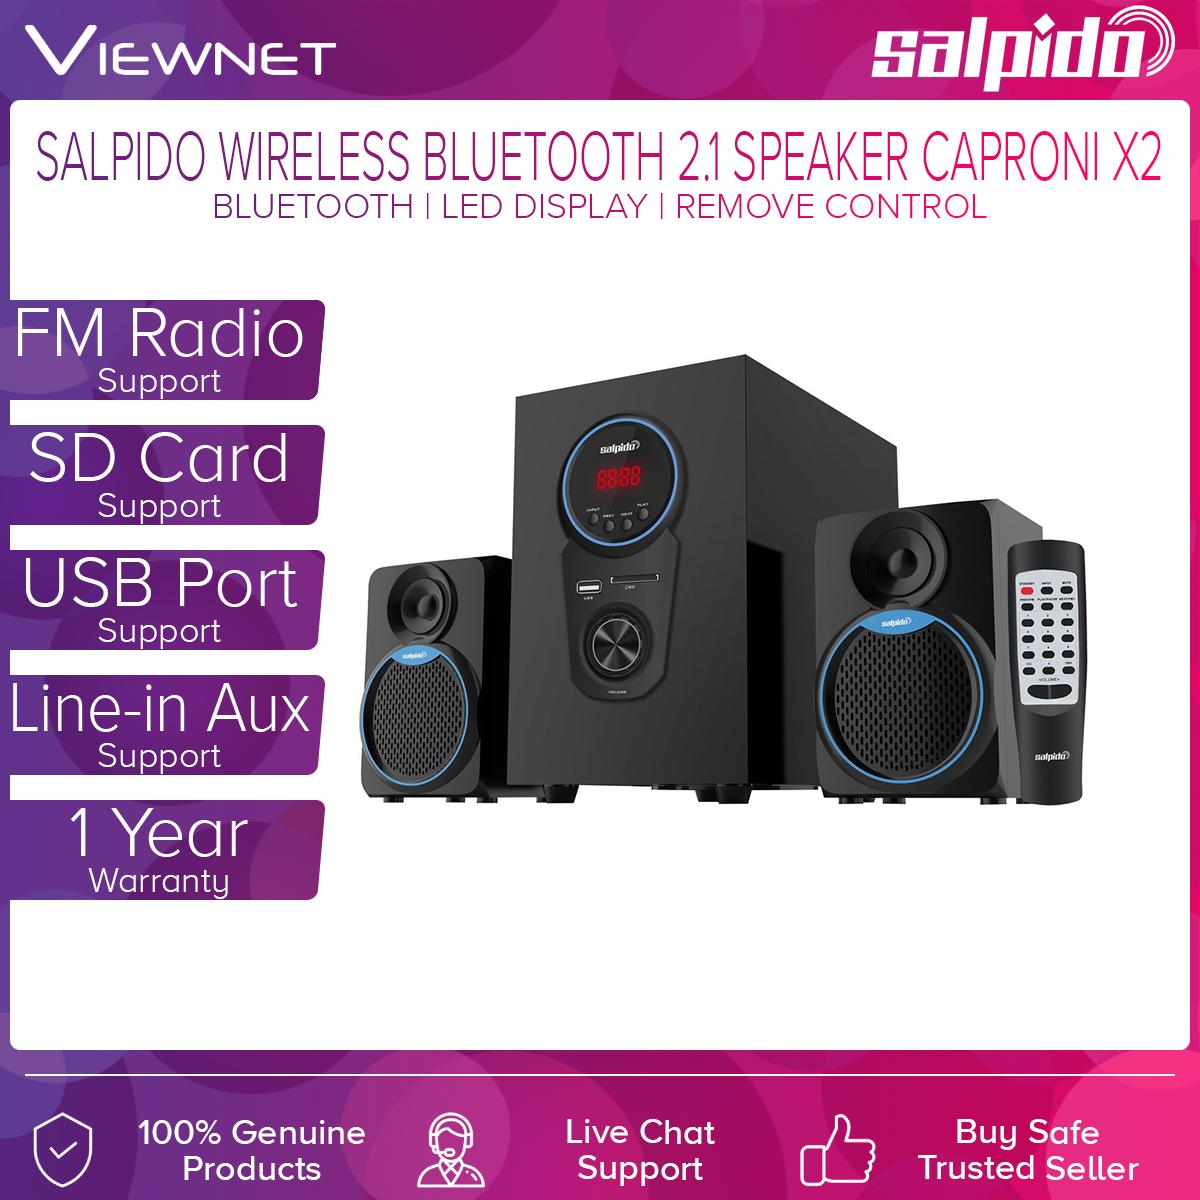 Salpido Caproni 2x BTMI 2.1 Speaker